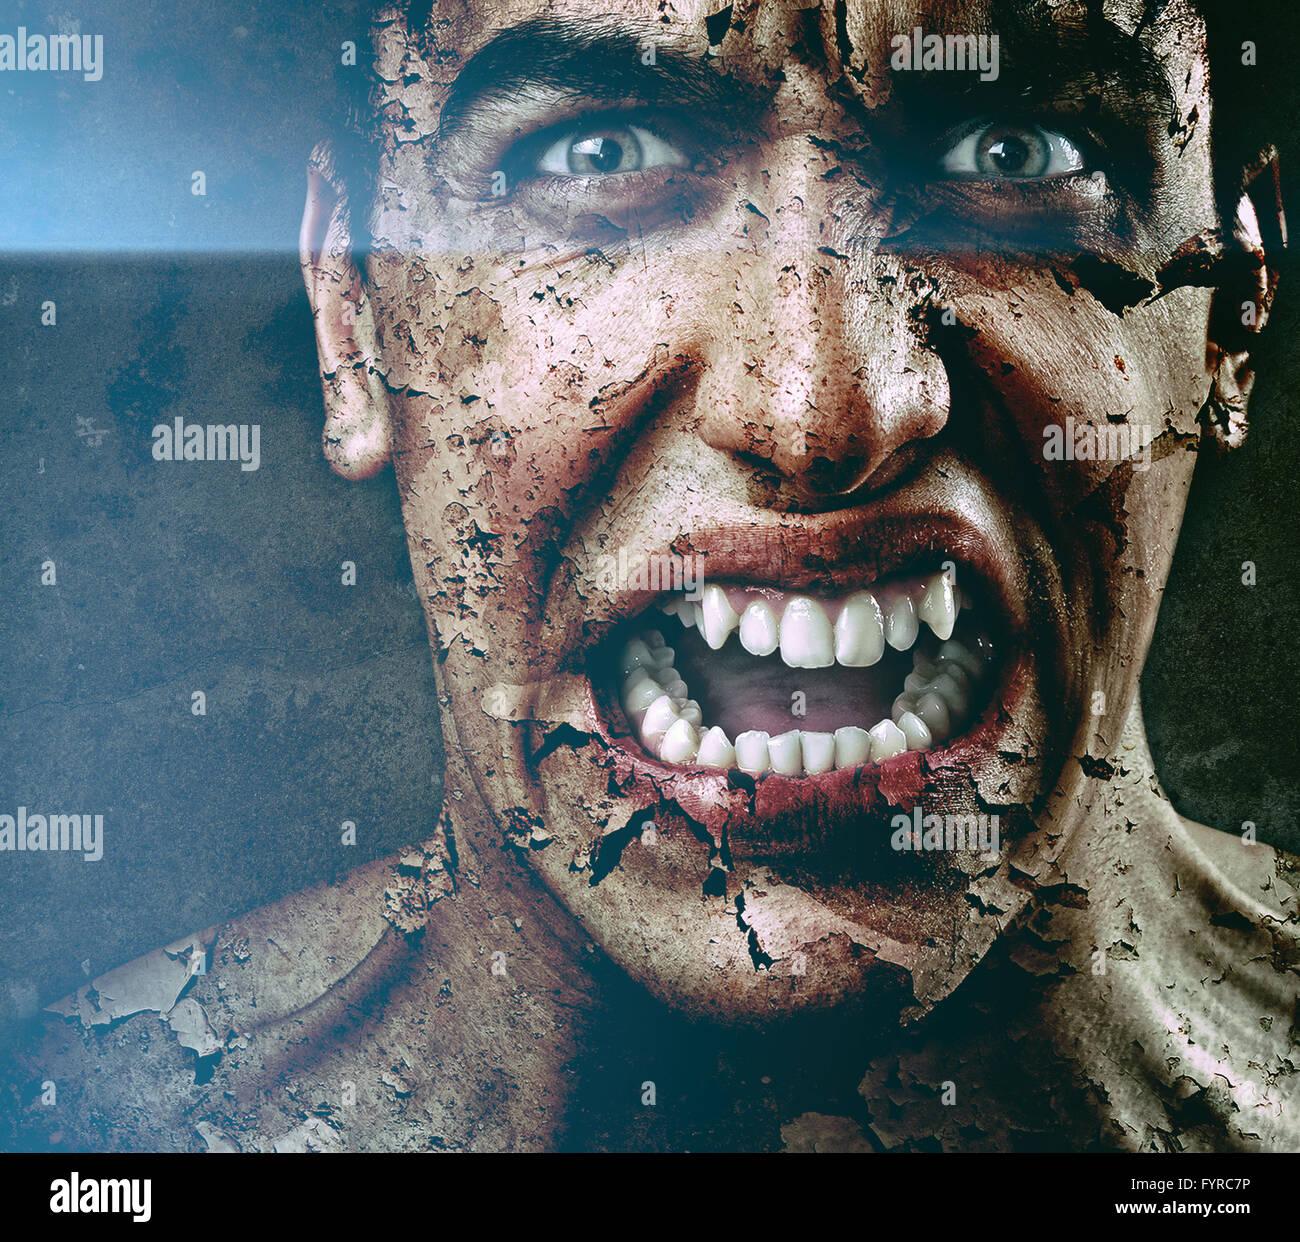 Spooky siniestro hombre con edad despellejamiento de la piel agrietada Imagen De Stock